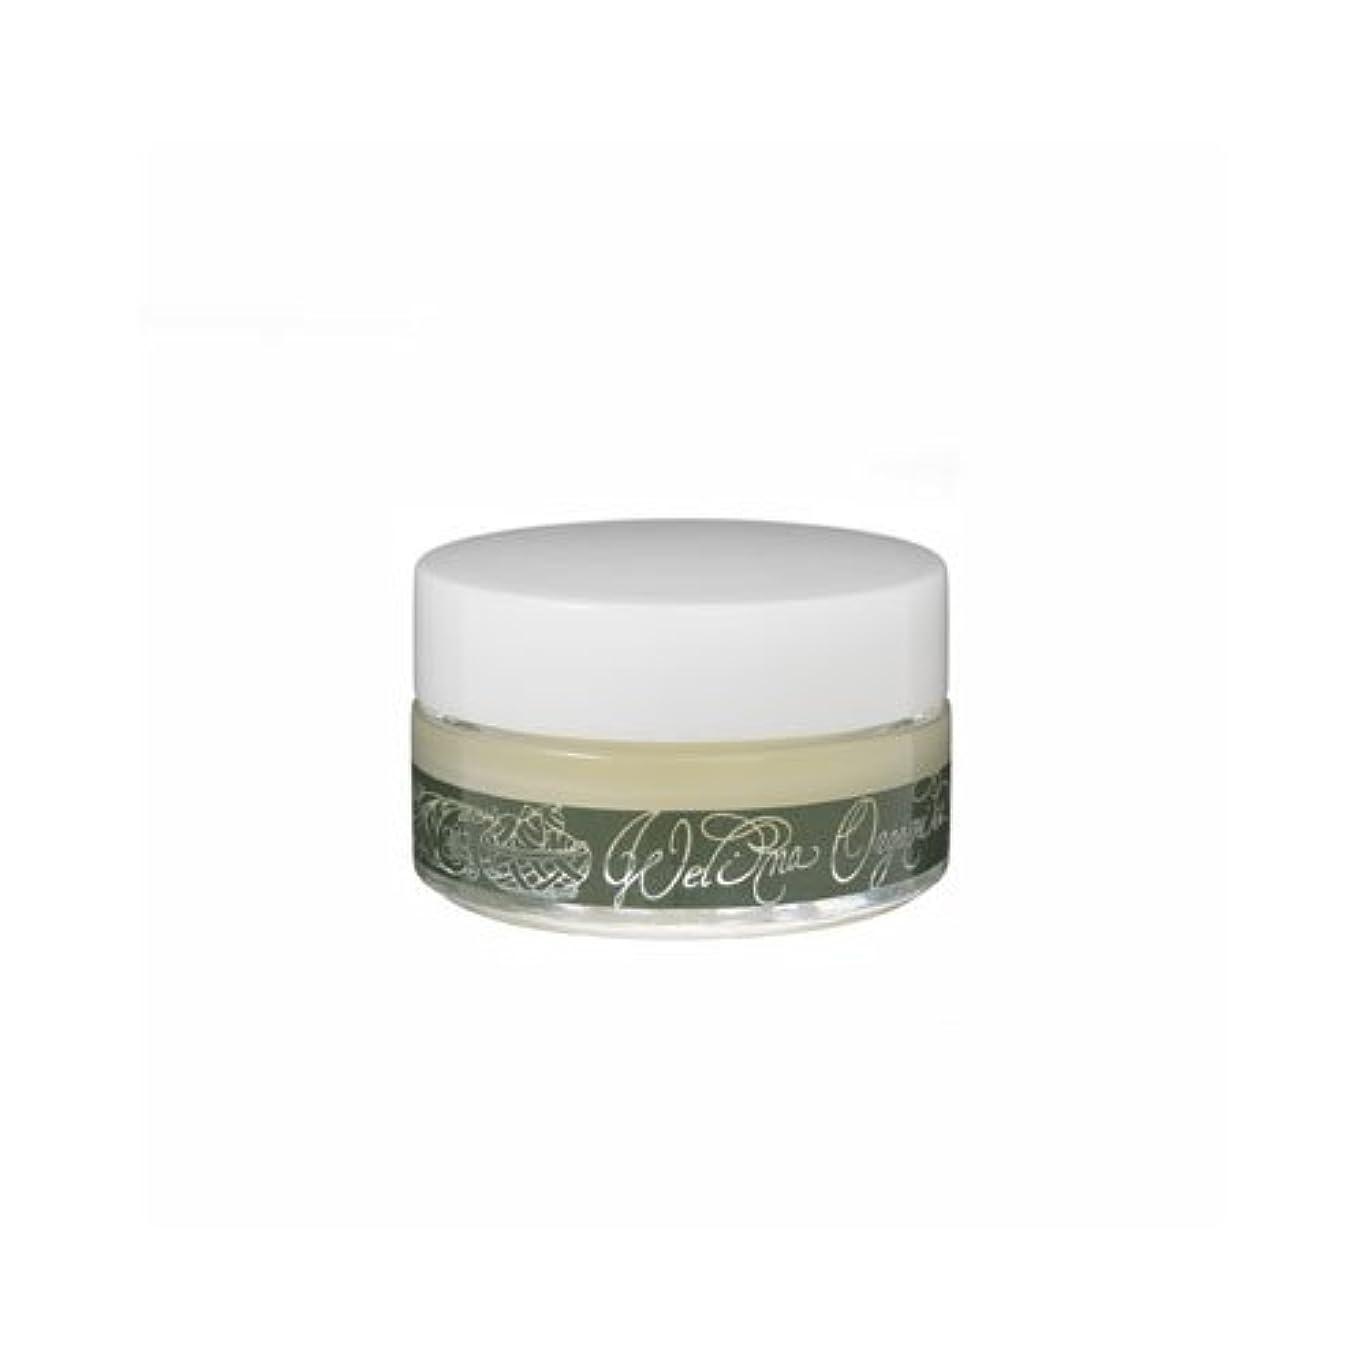 主張複製レパートリーウェリナオーガニクス ラブミーバター (保湿バーム) 30g